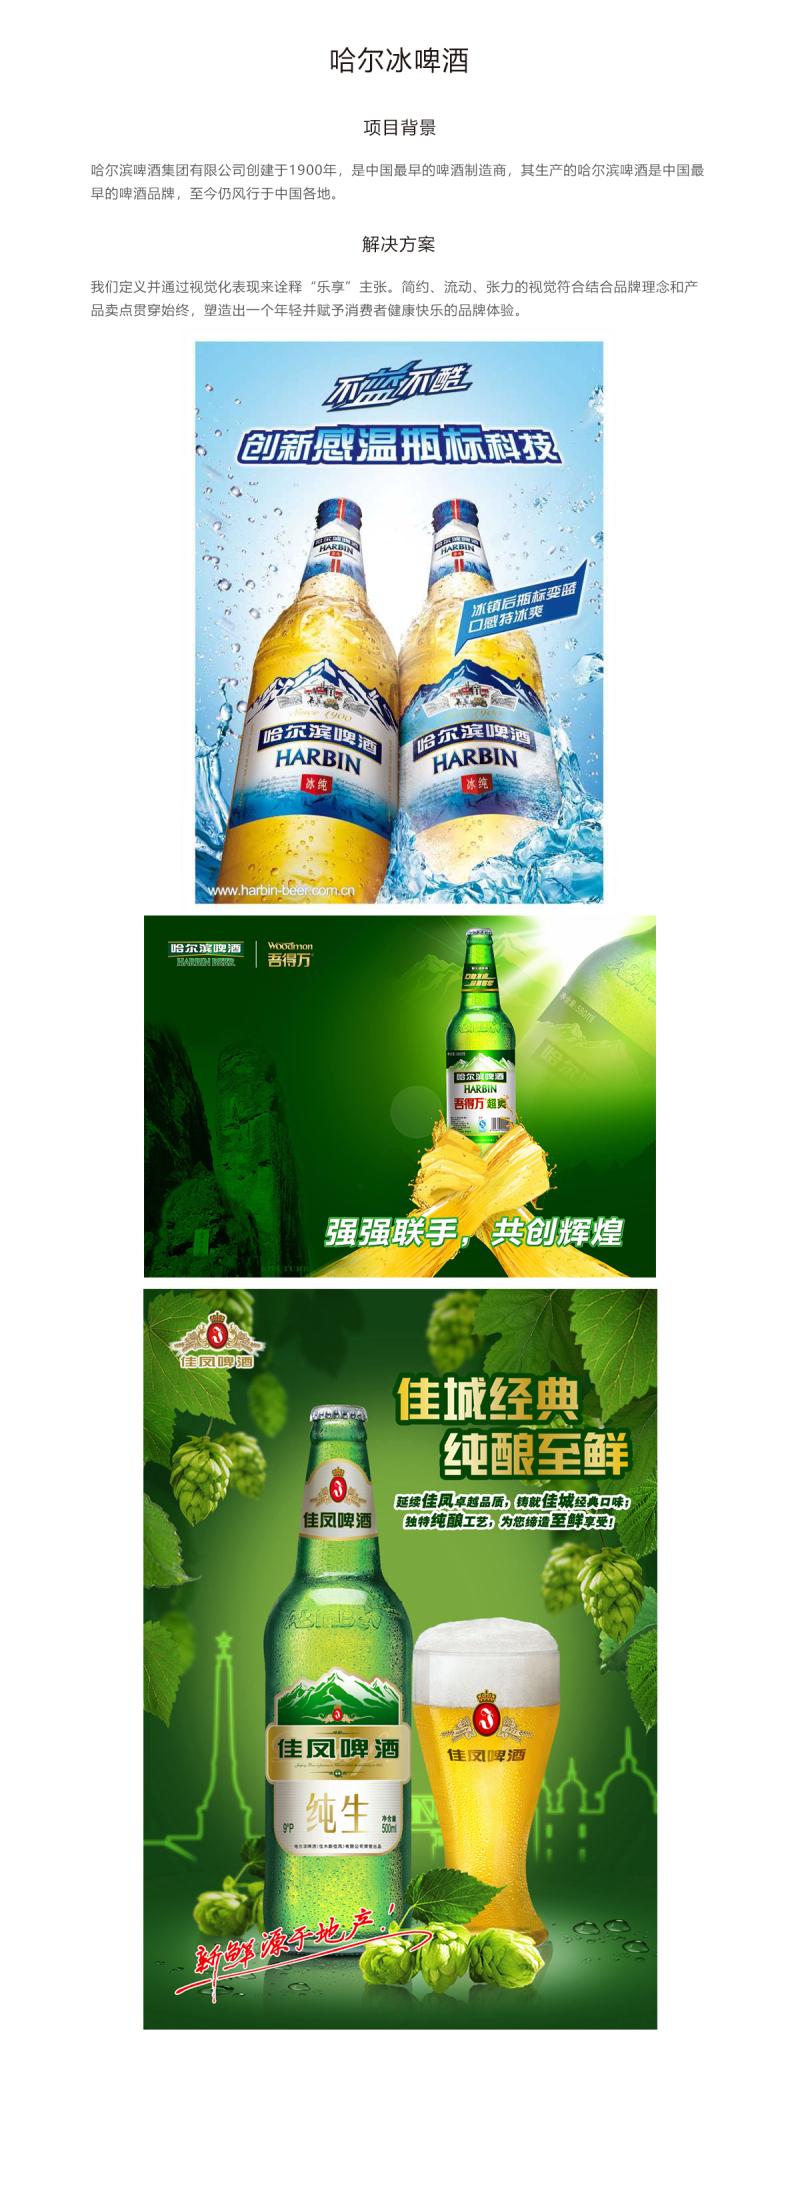 哈尔滨啤酒品牌设计